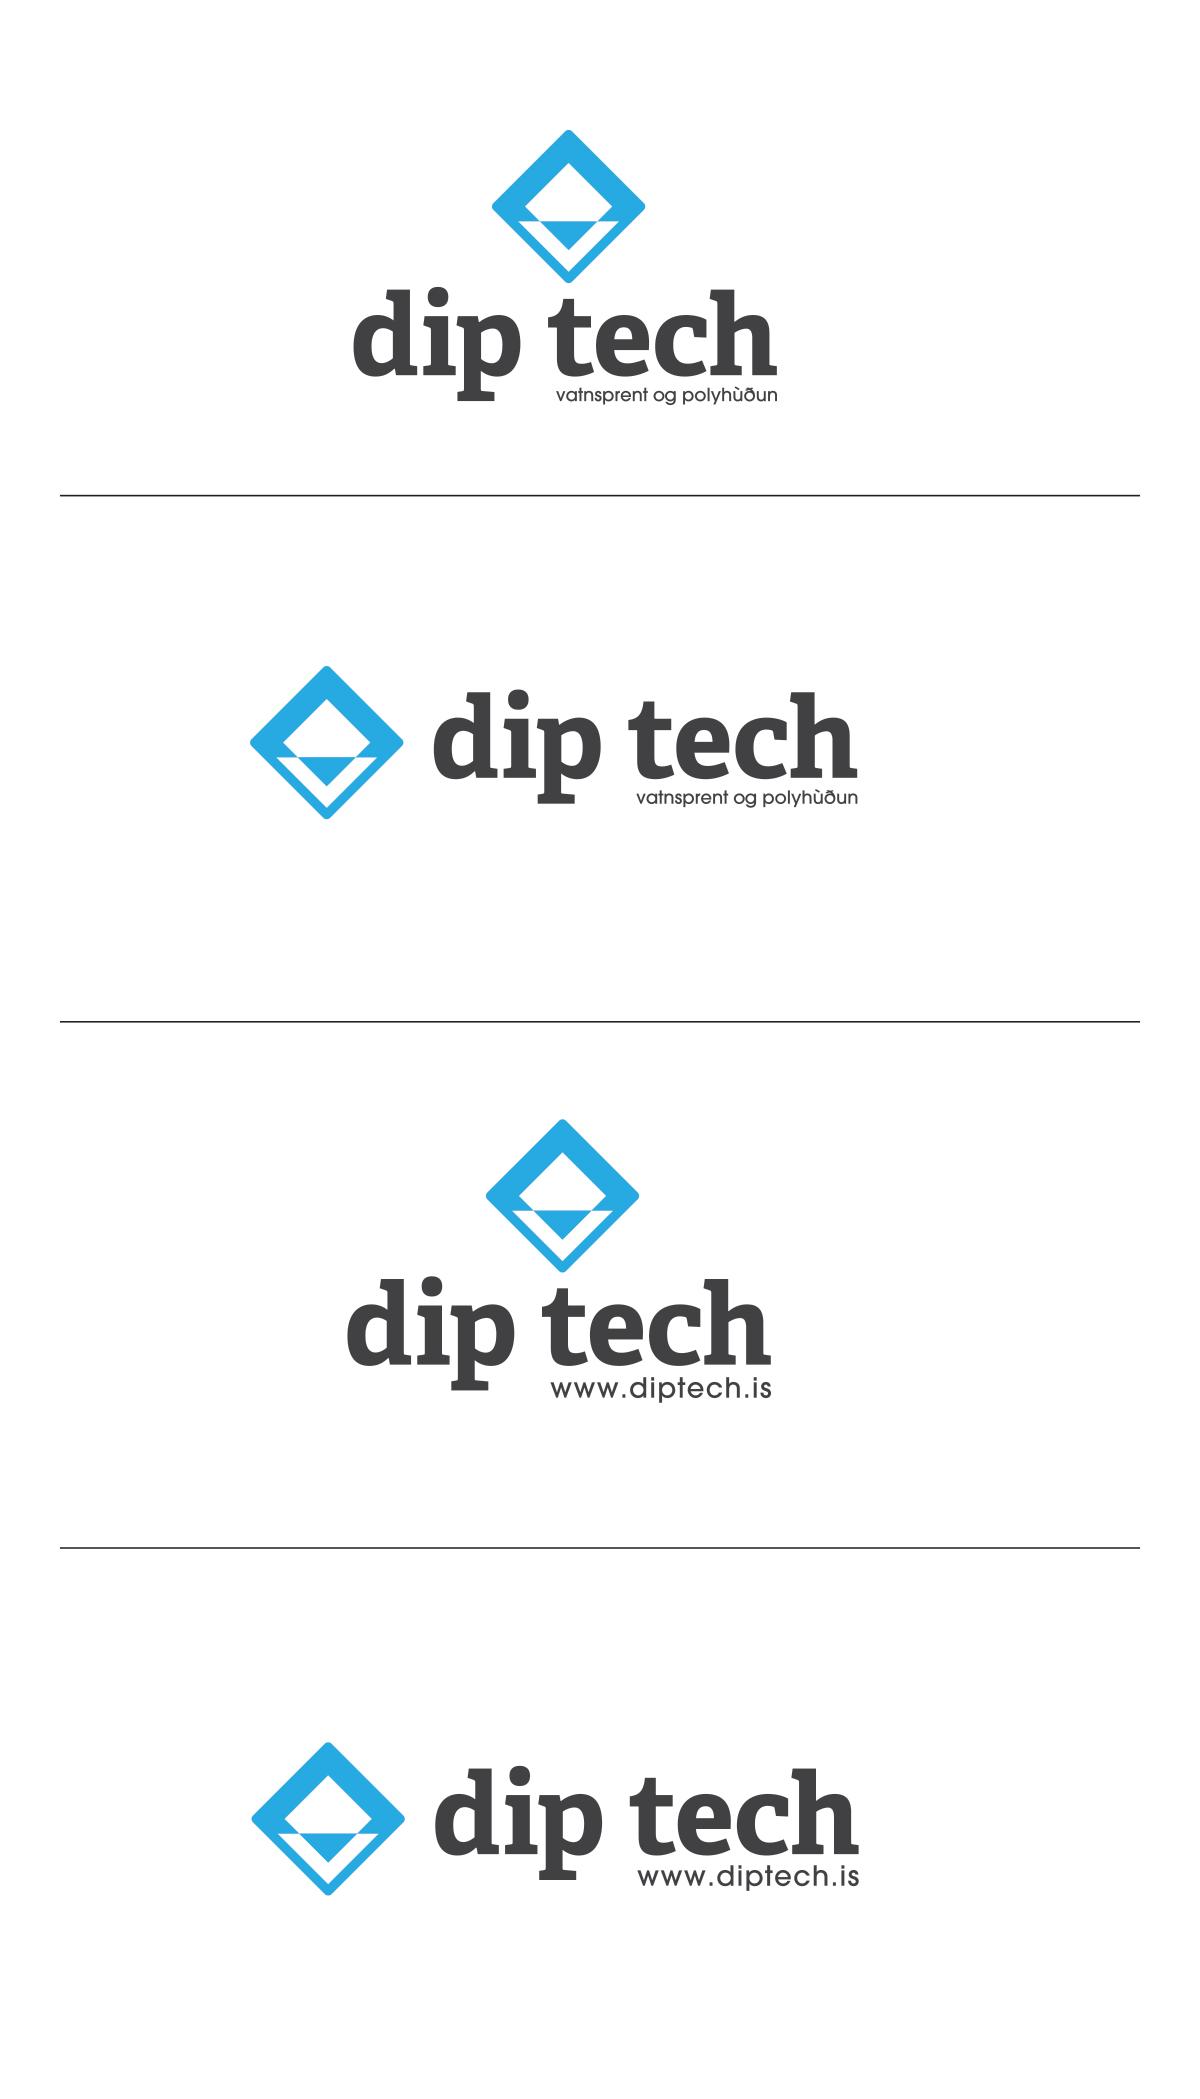 diptech2